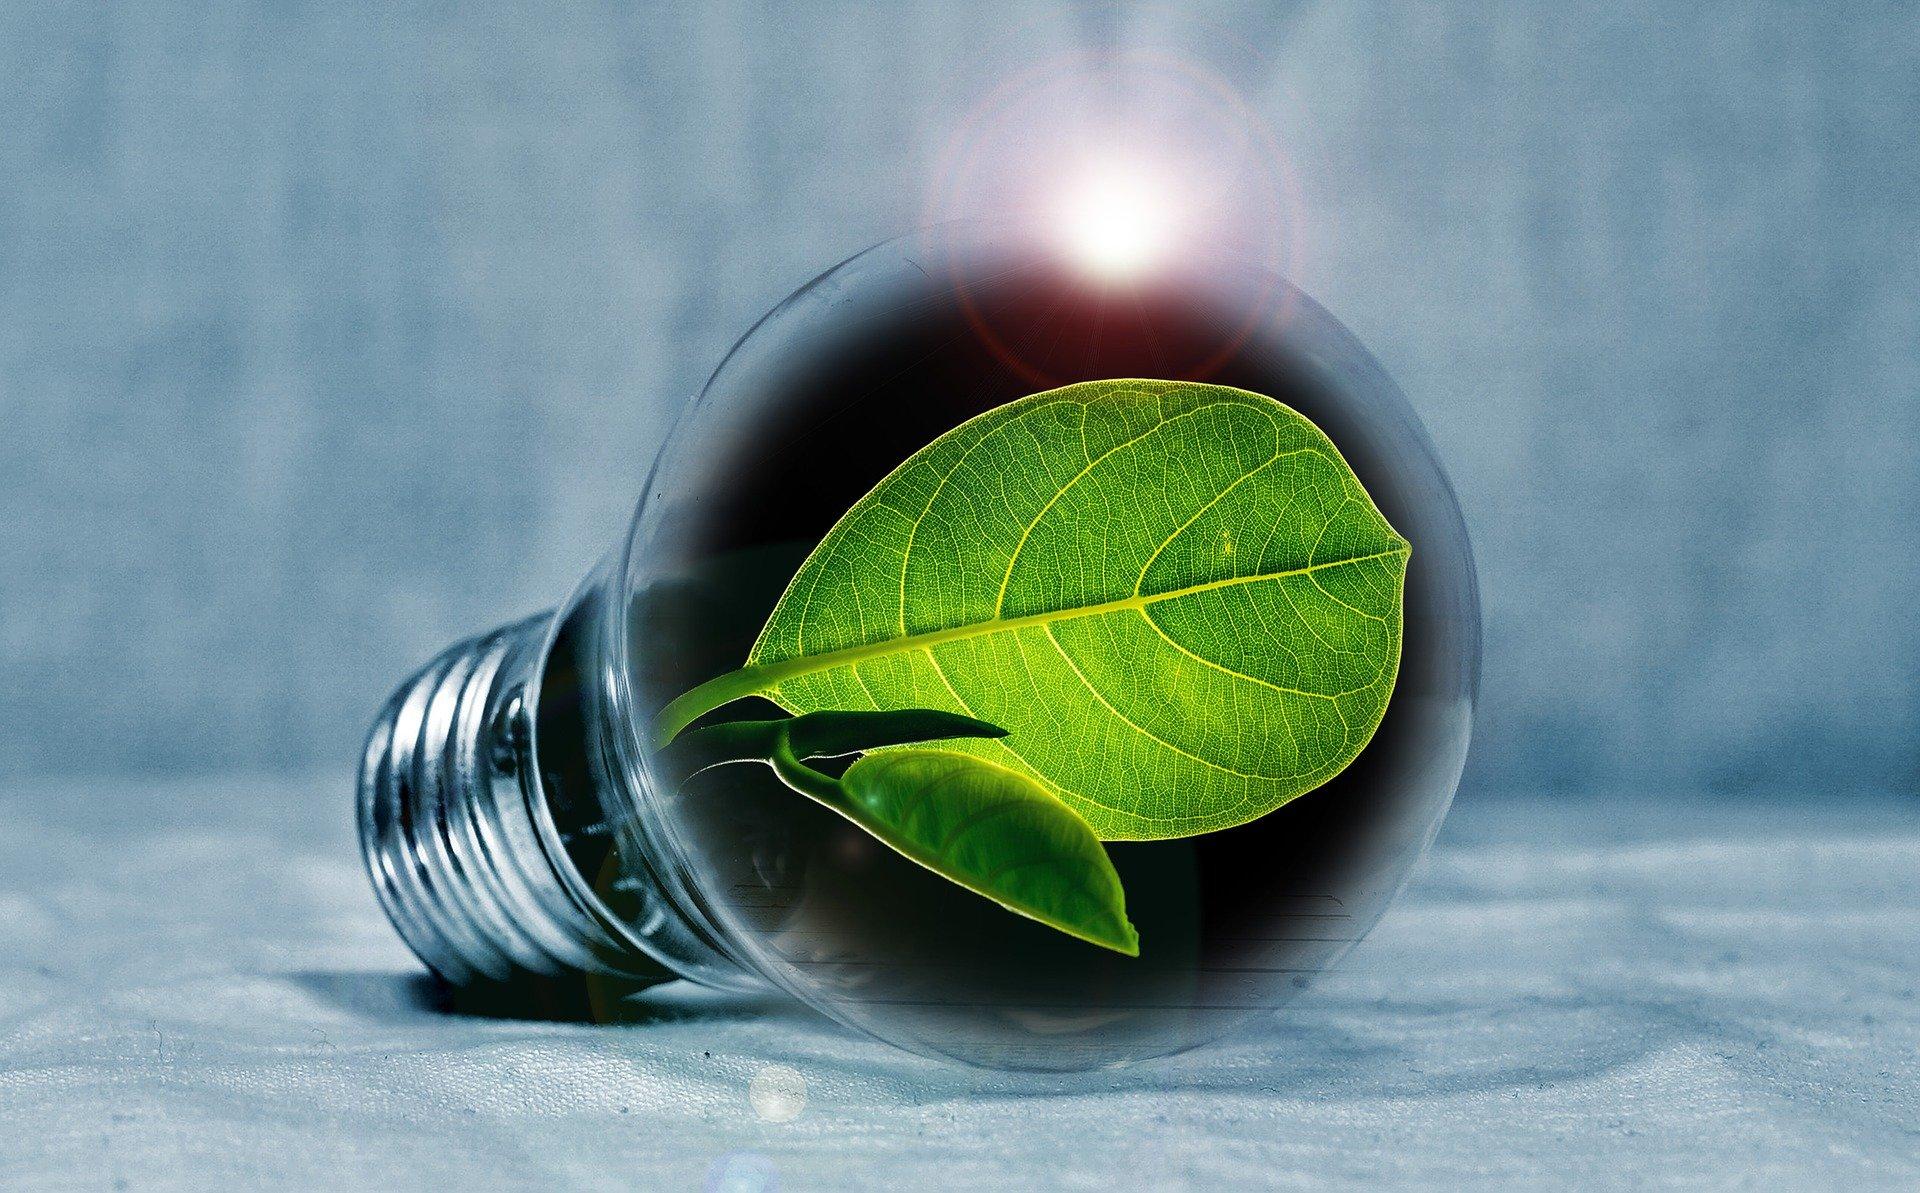 Für Nachhaltigkeit und Innovation: Grünes Konzept für Gründerwettbewerb im Landkreis